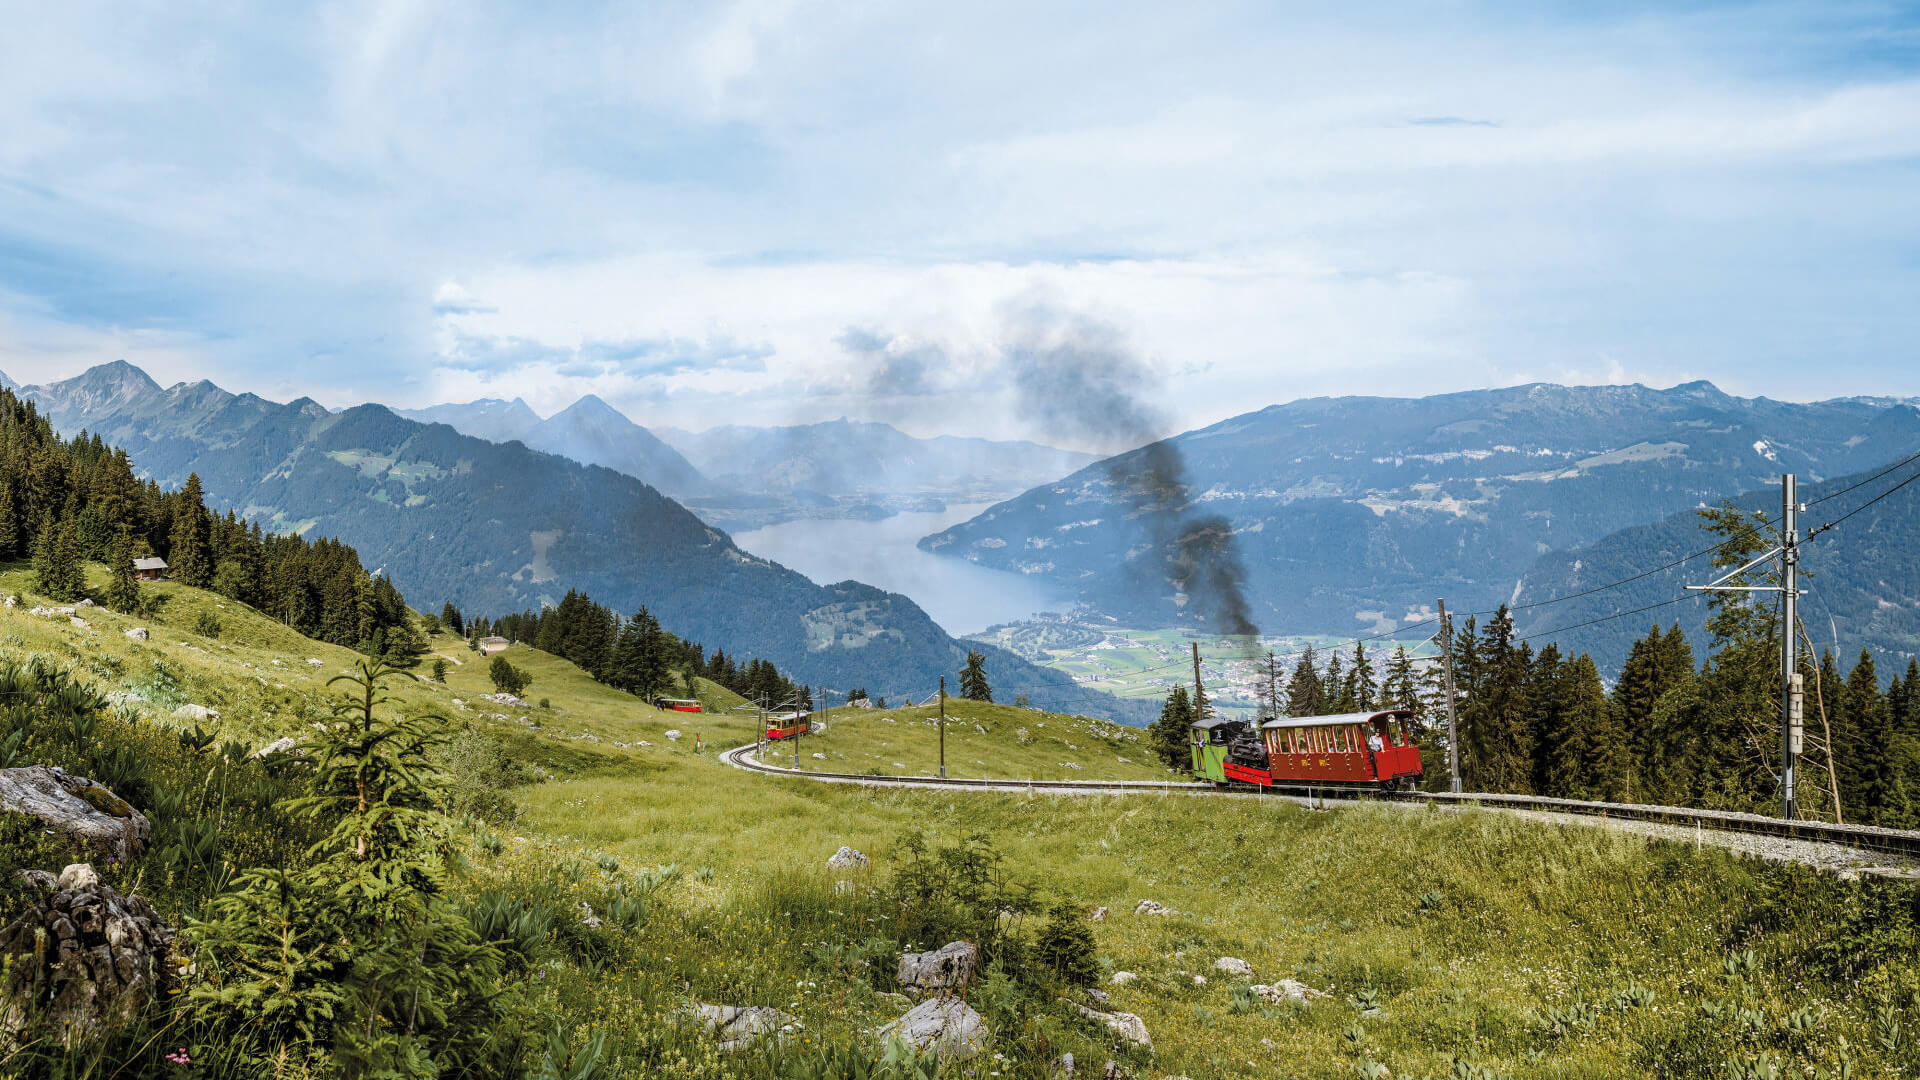 schynige-platte-dampffahrten-sommer-panorama-thunersee-rauch-weide